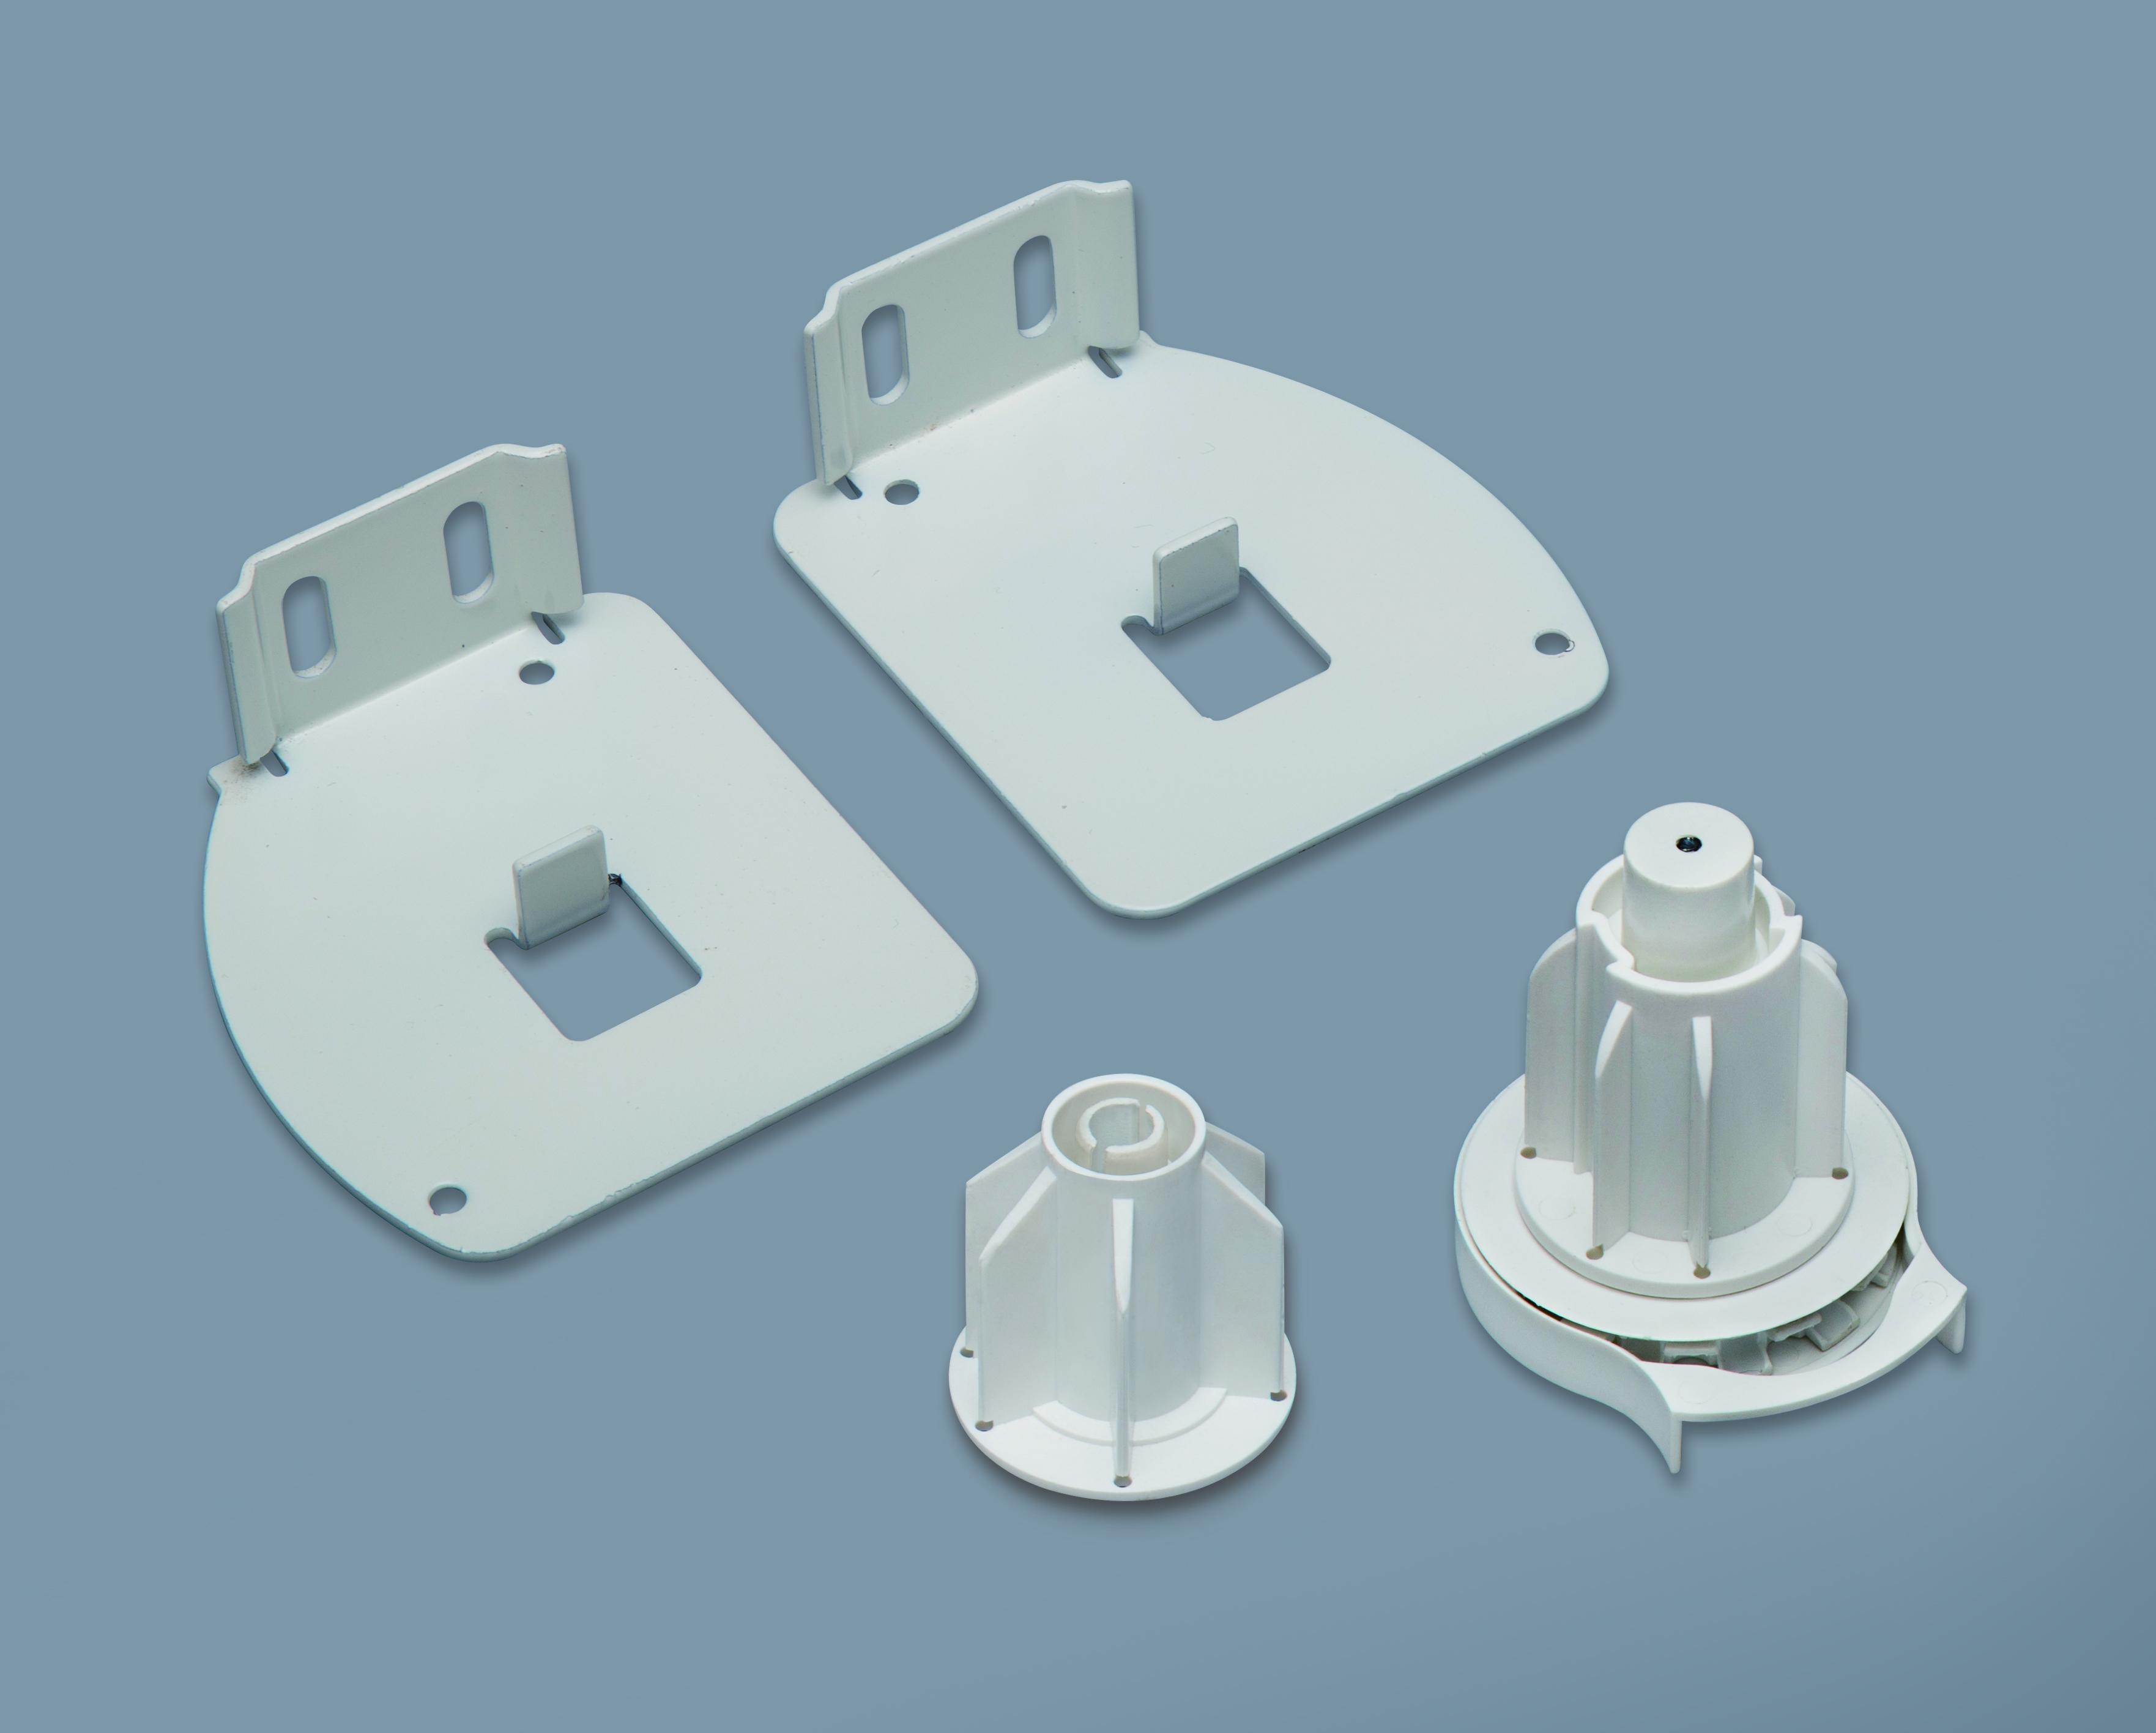 38mm Little star Cassette roller blind system 1:1.5